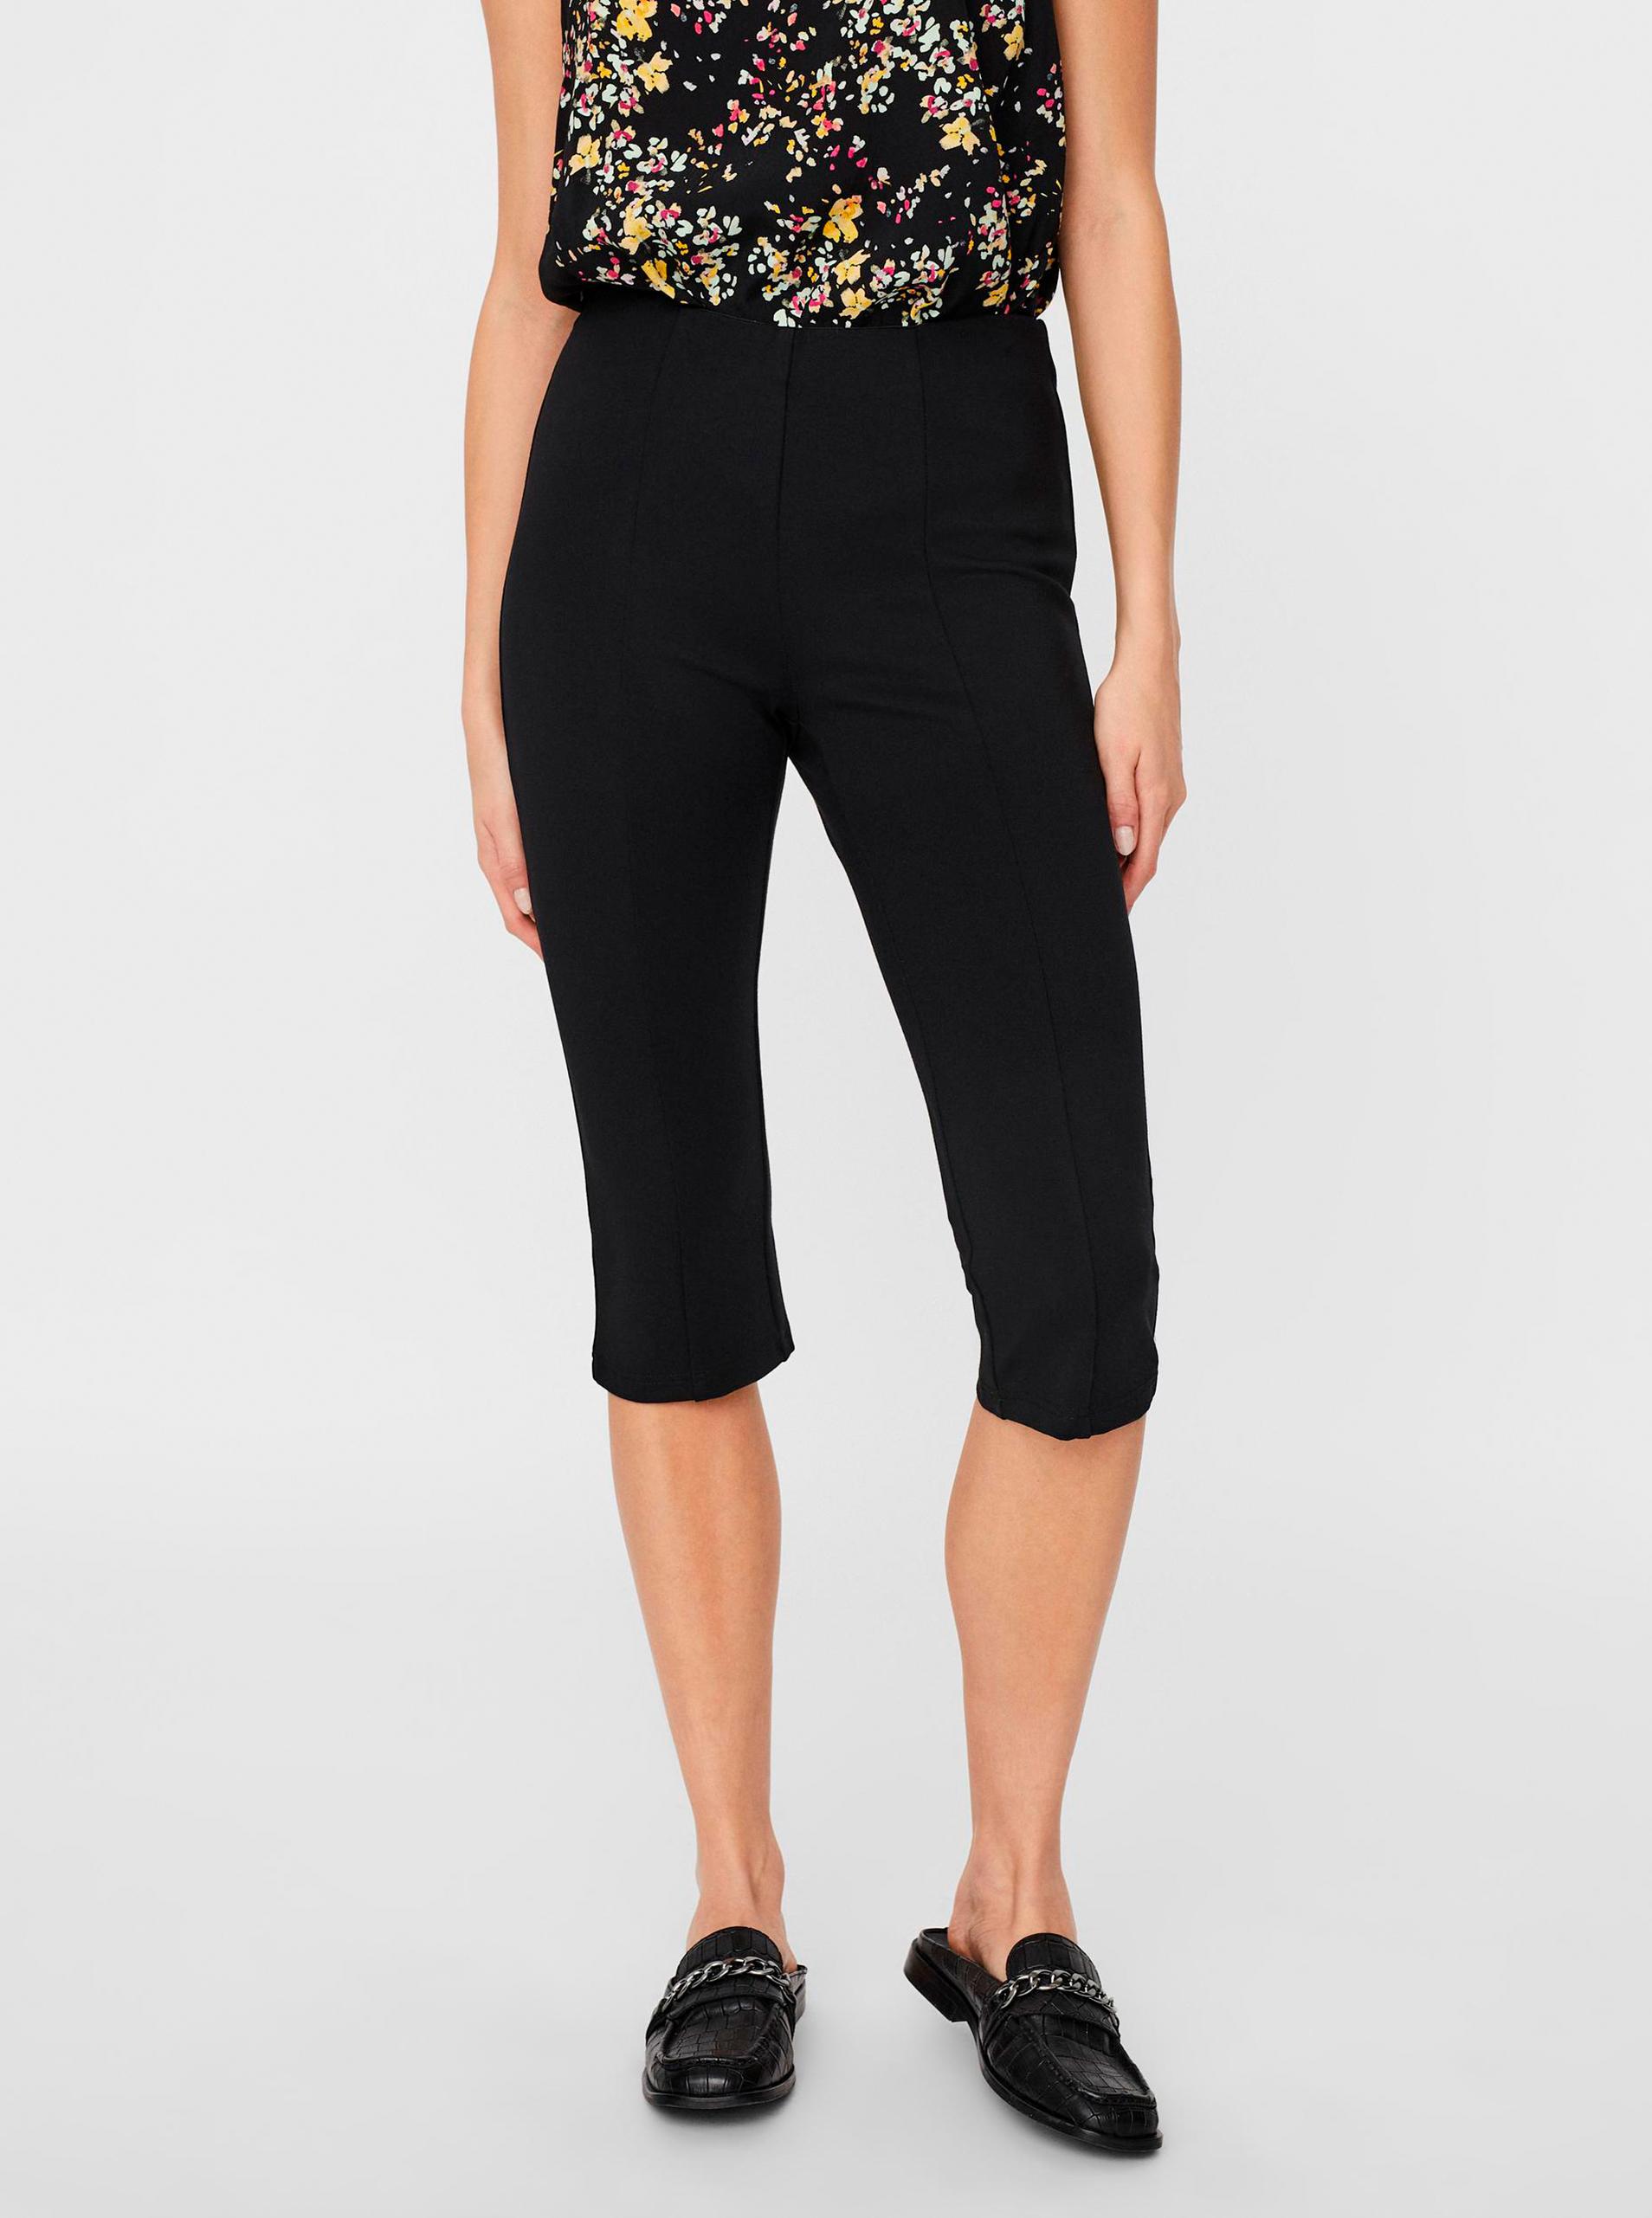 Vero Moda čierne trojštvrťové nohavice Lexie - XS